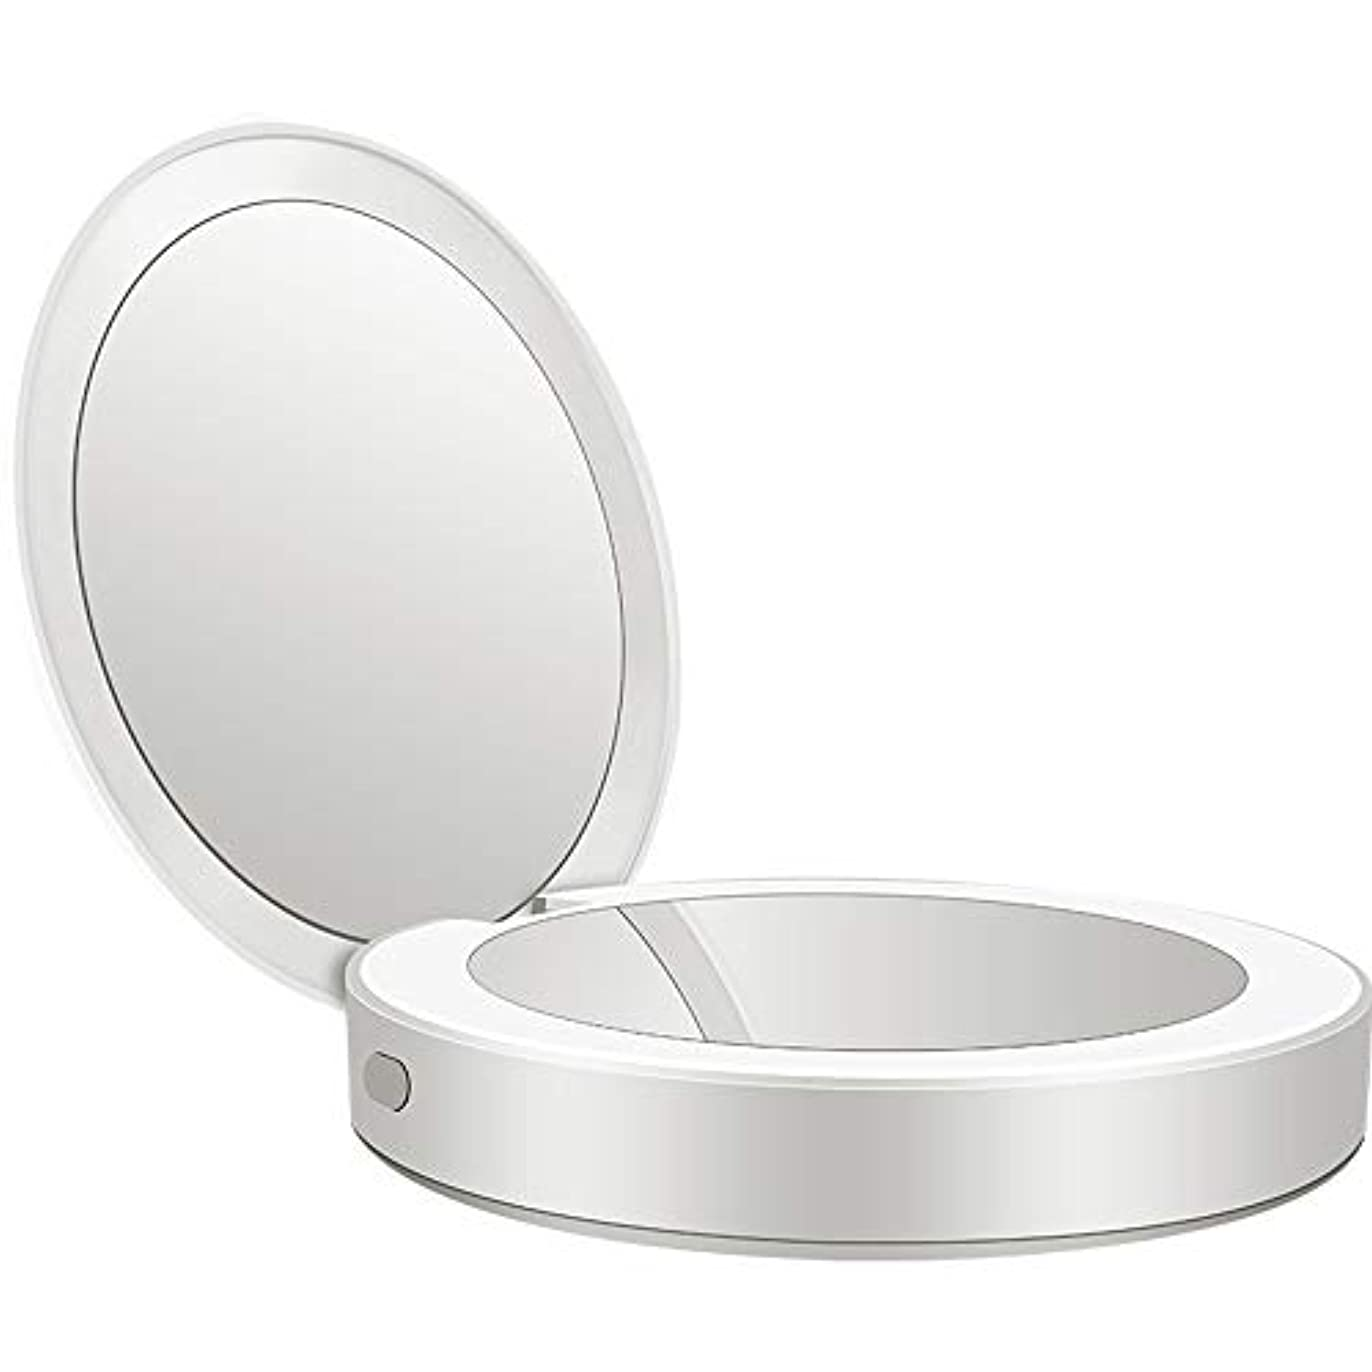 あなたは外側好み流行の 新しい多機能ポータブル折りたたみLEDライト化粧鏡フィルライト充電宝物鏡ABS素材ギフトギフトライト充電虫眼鏡 (色 : Silver)